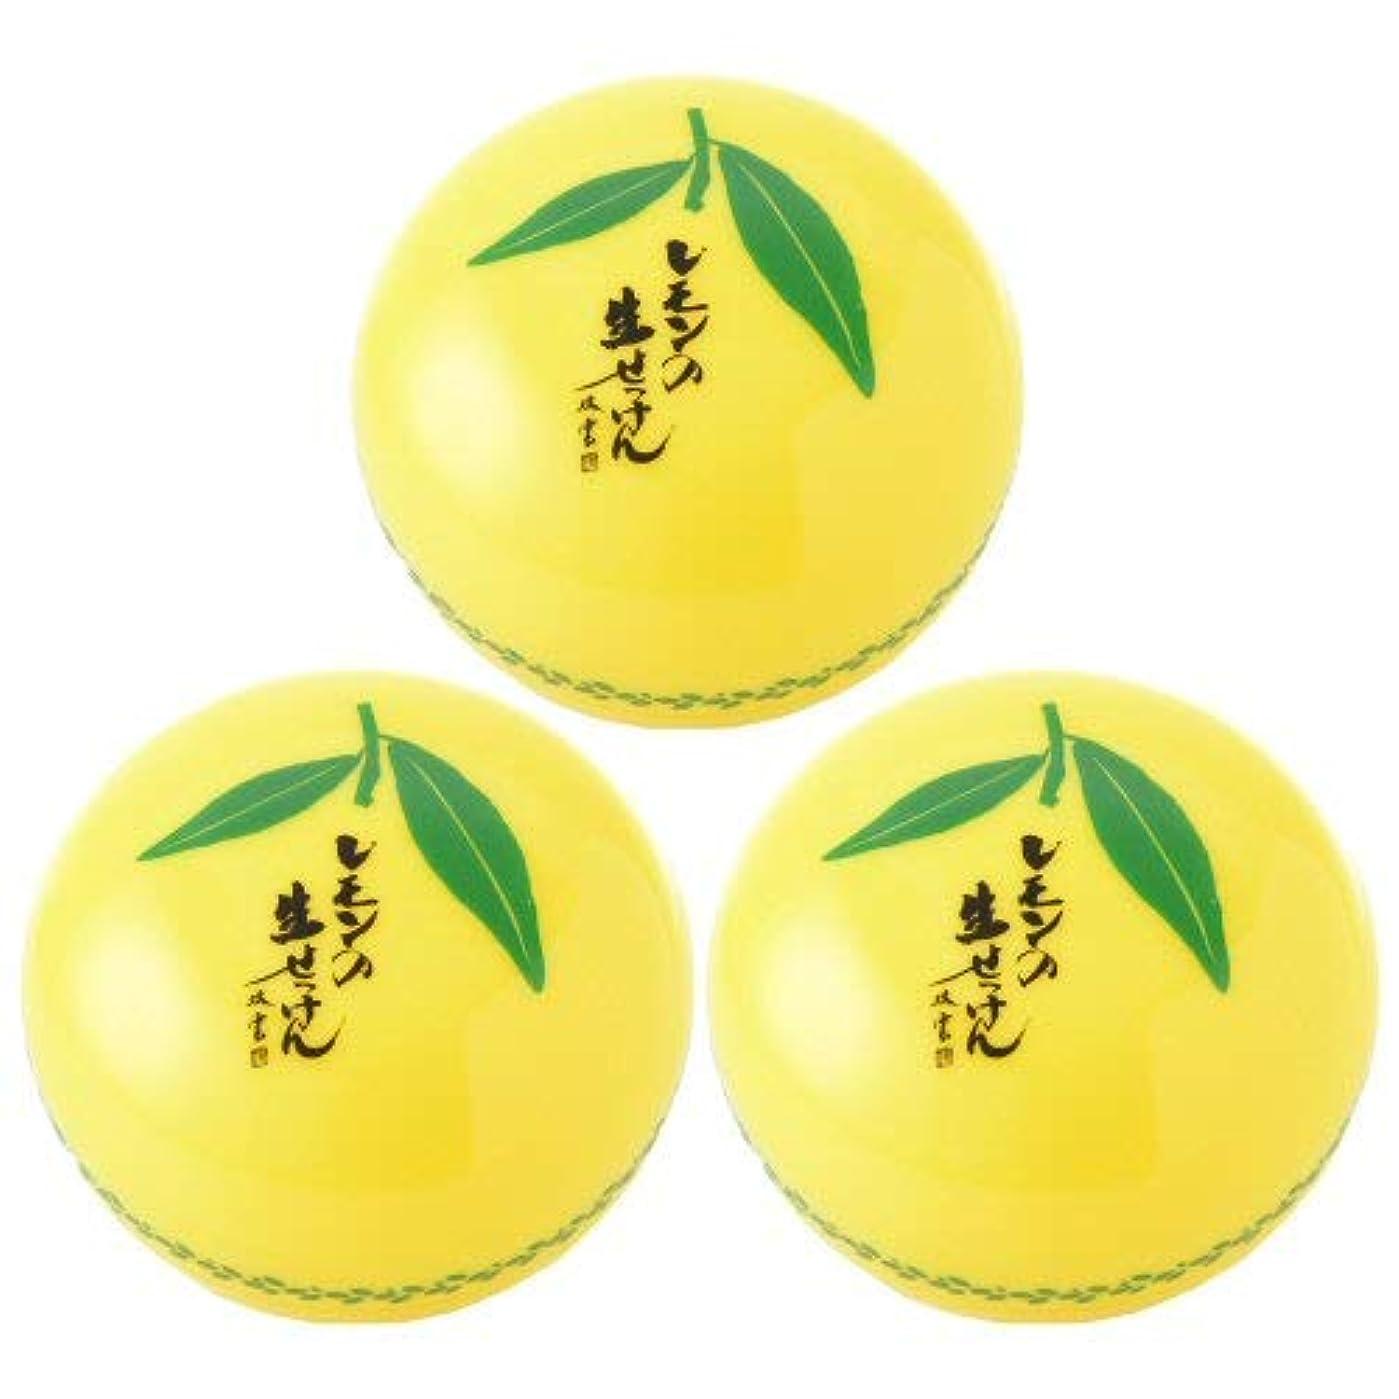 残る読みやすさよりUYEKI美香柑レモンの生せっけん120g×3個セット